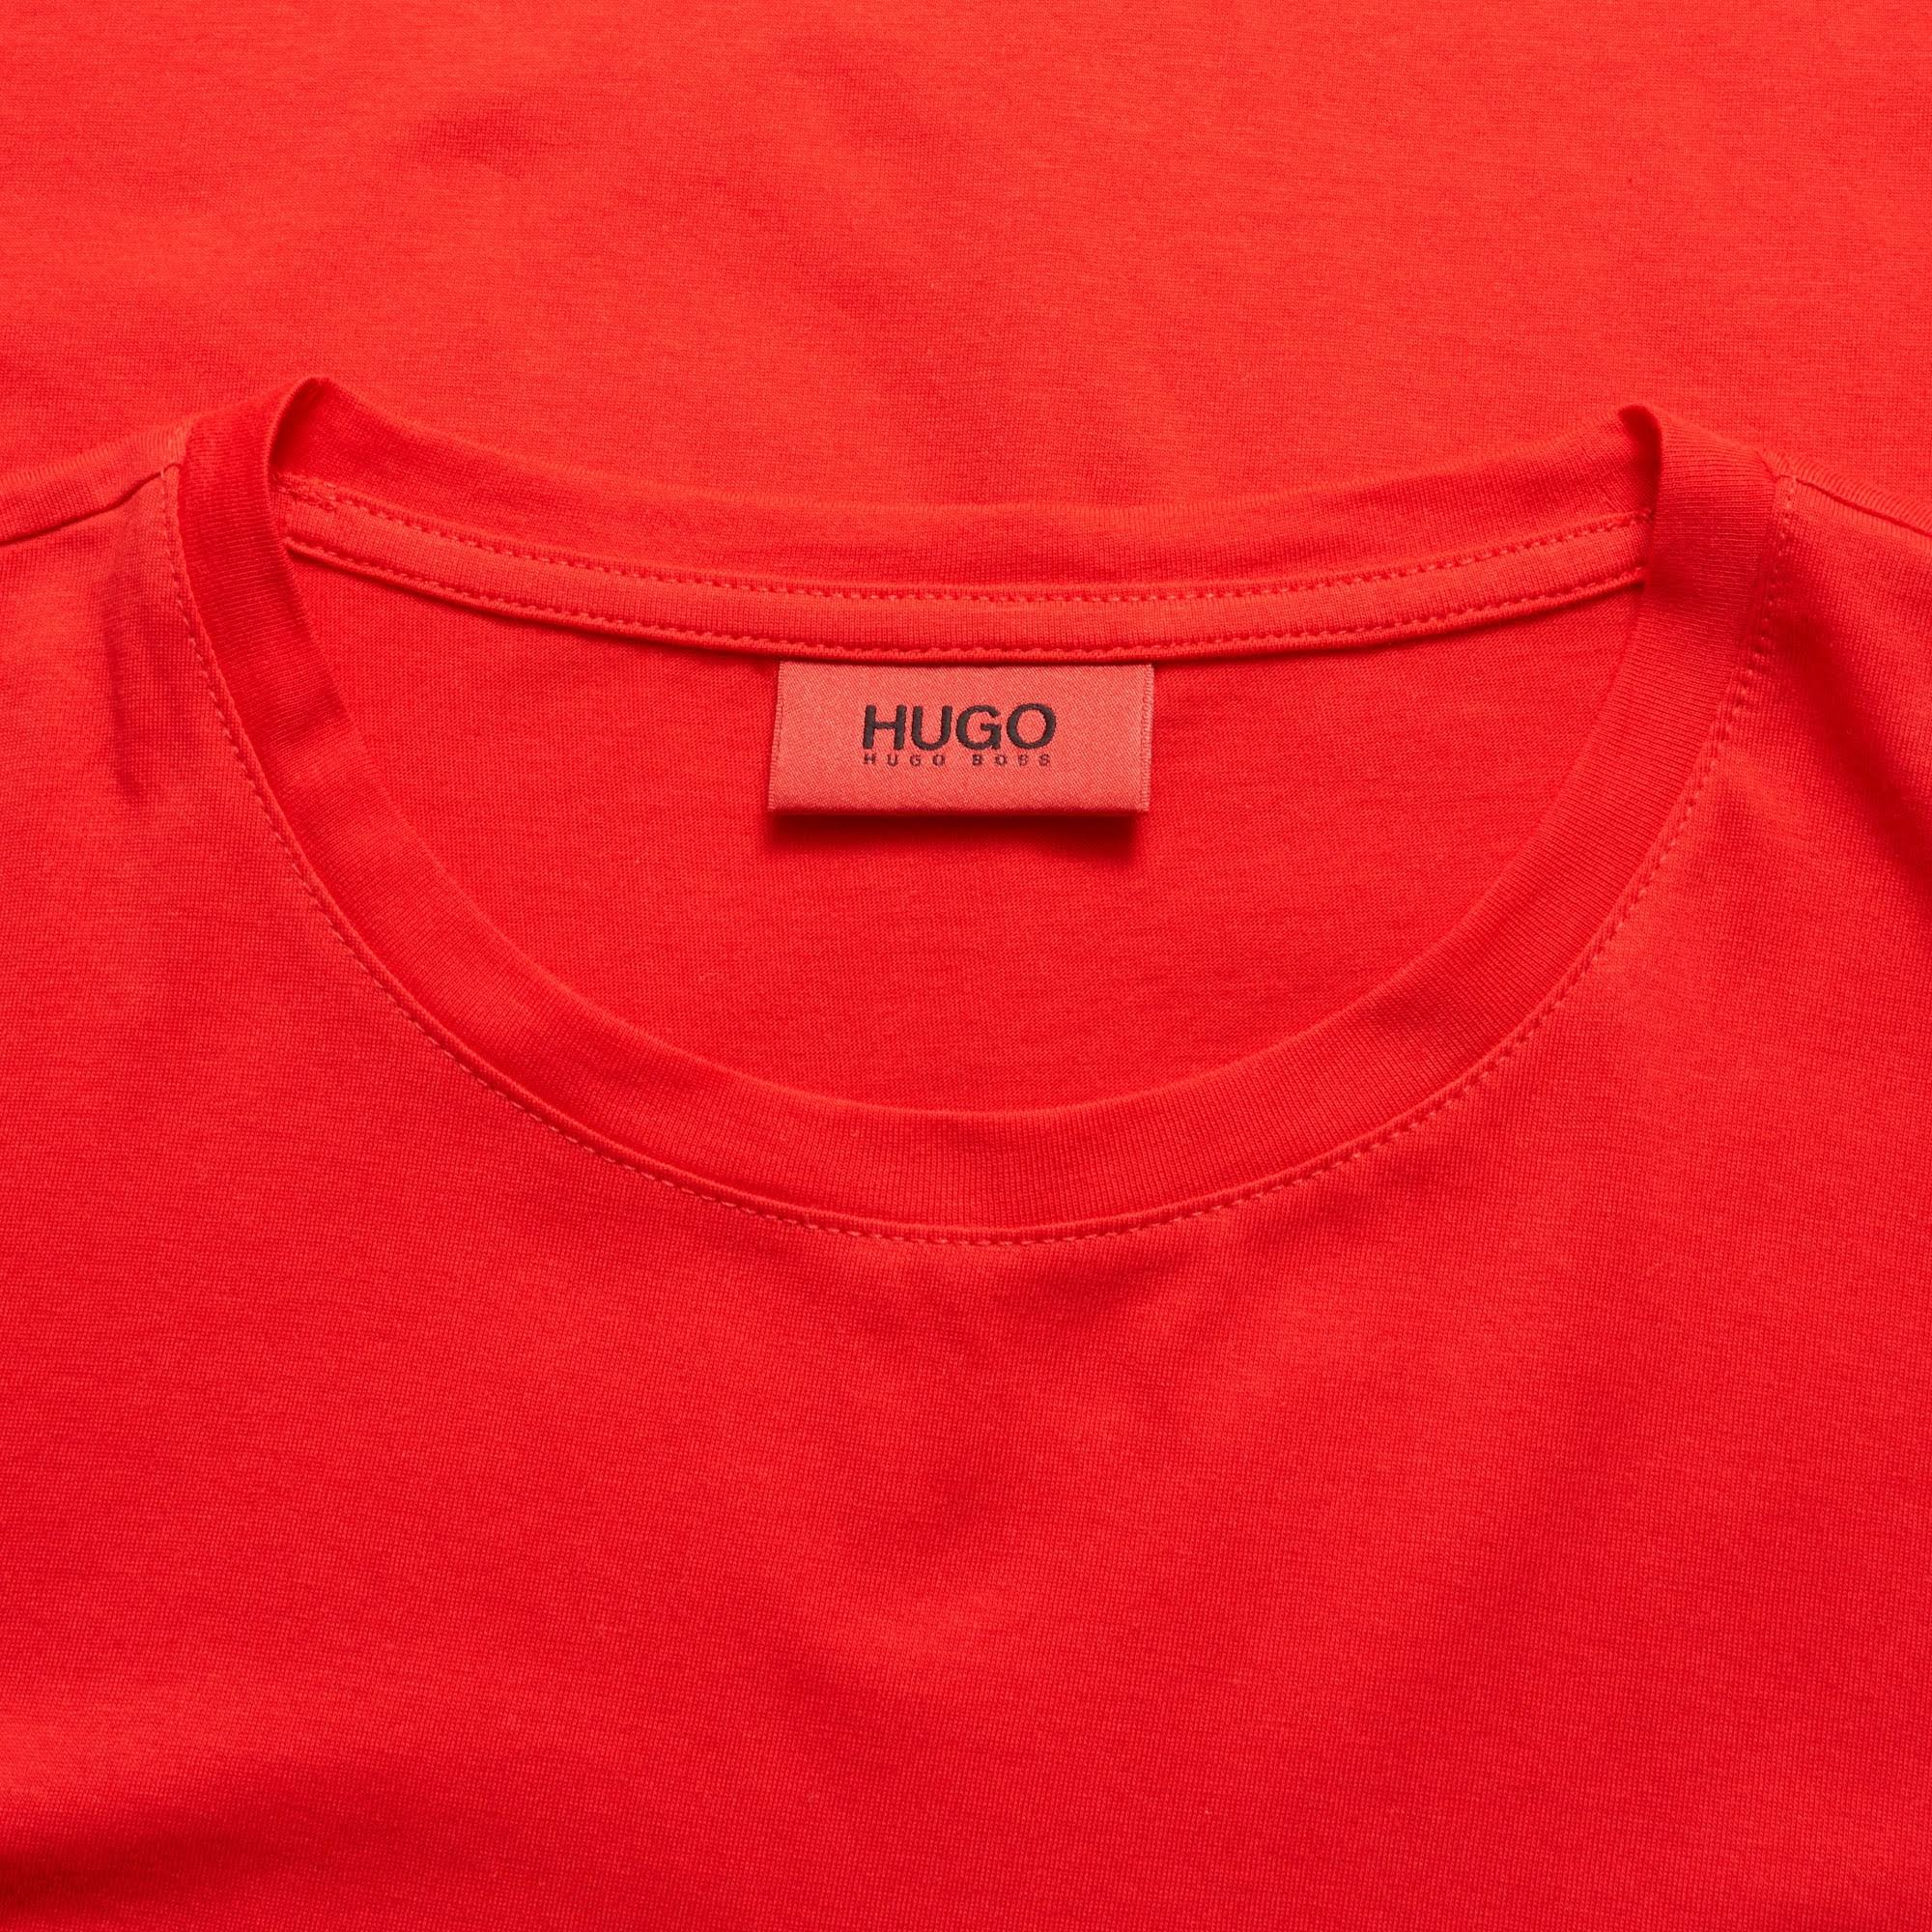 Brillante 50396249 Tamaño Rojo Color u1 Hugo Rojo Dolive Camiseta 4gfqBPf